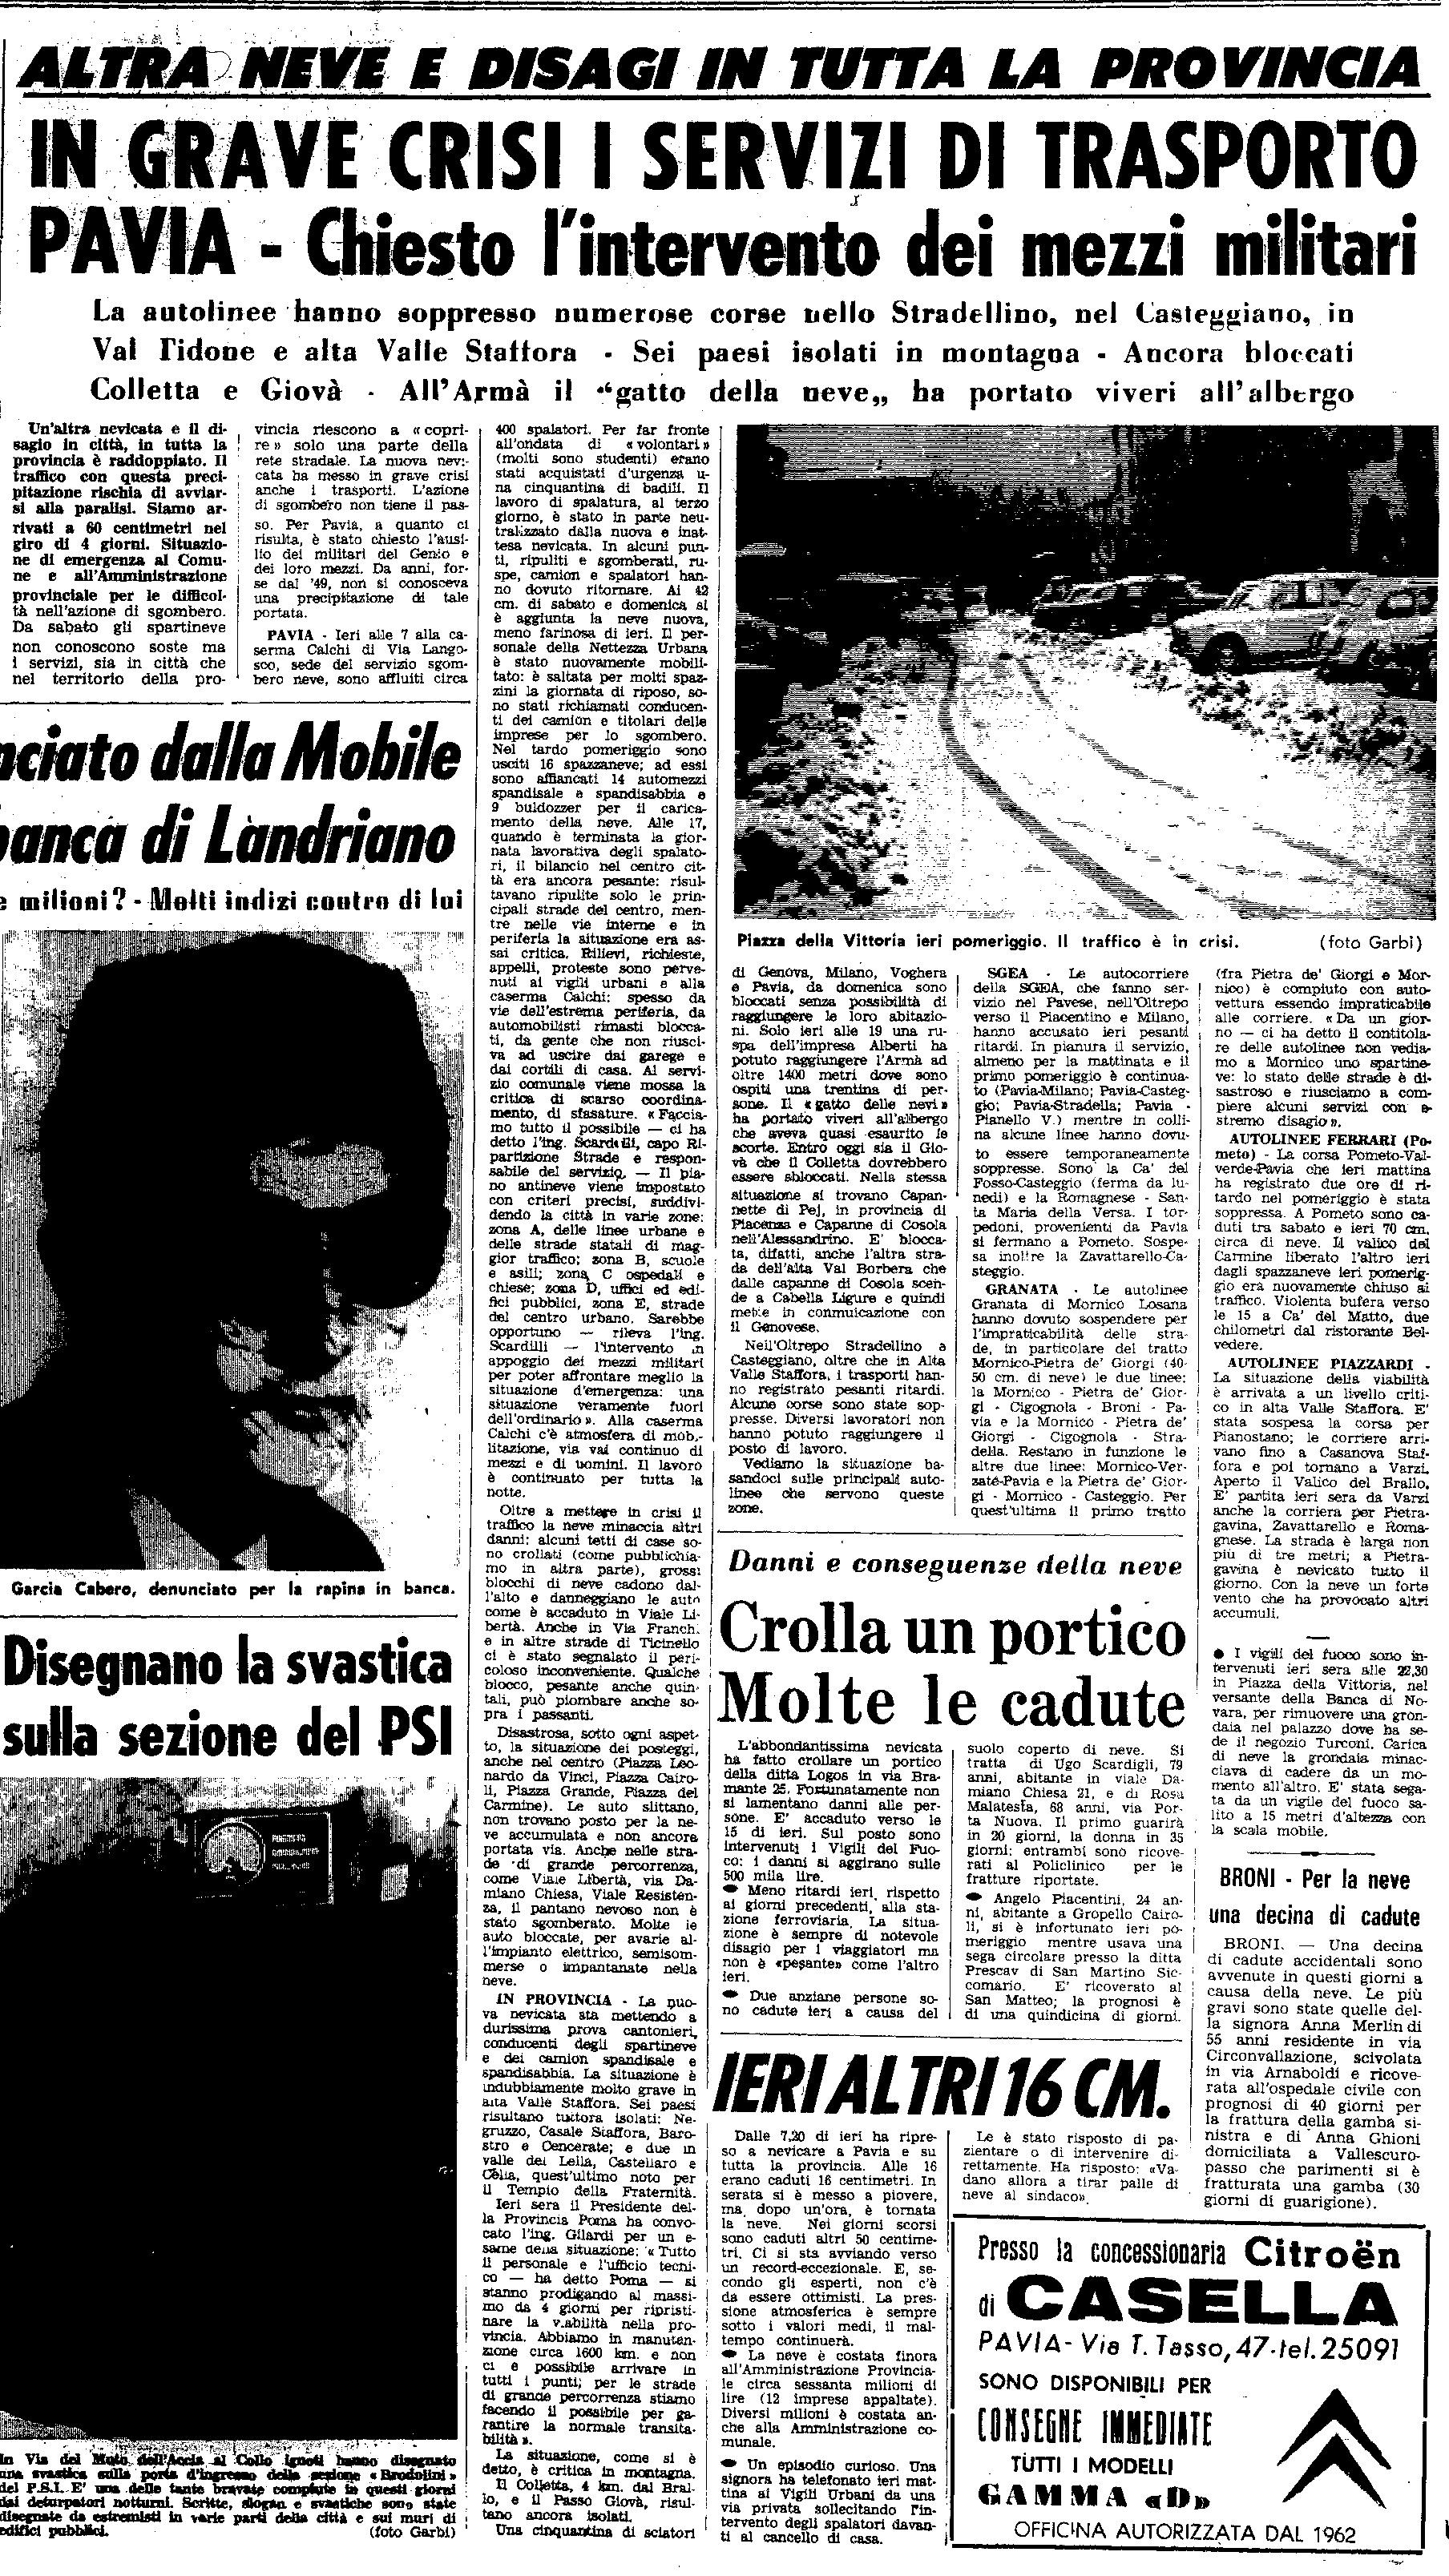 La nevicata del 30 Dicembre 1970 ripresa da un articolo de